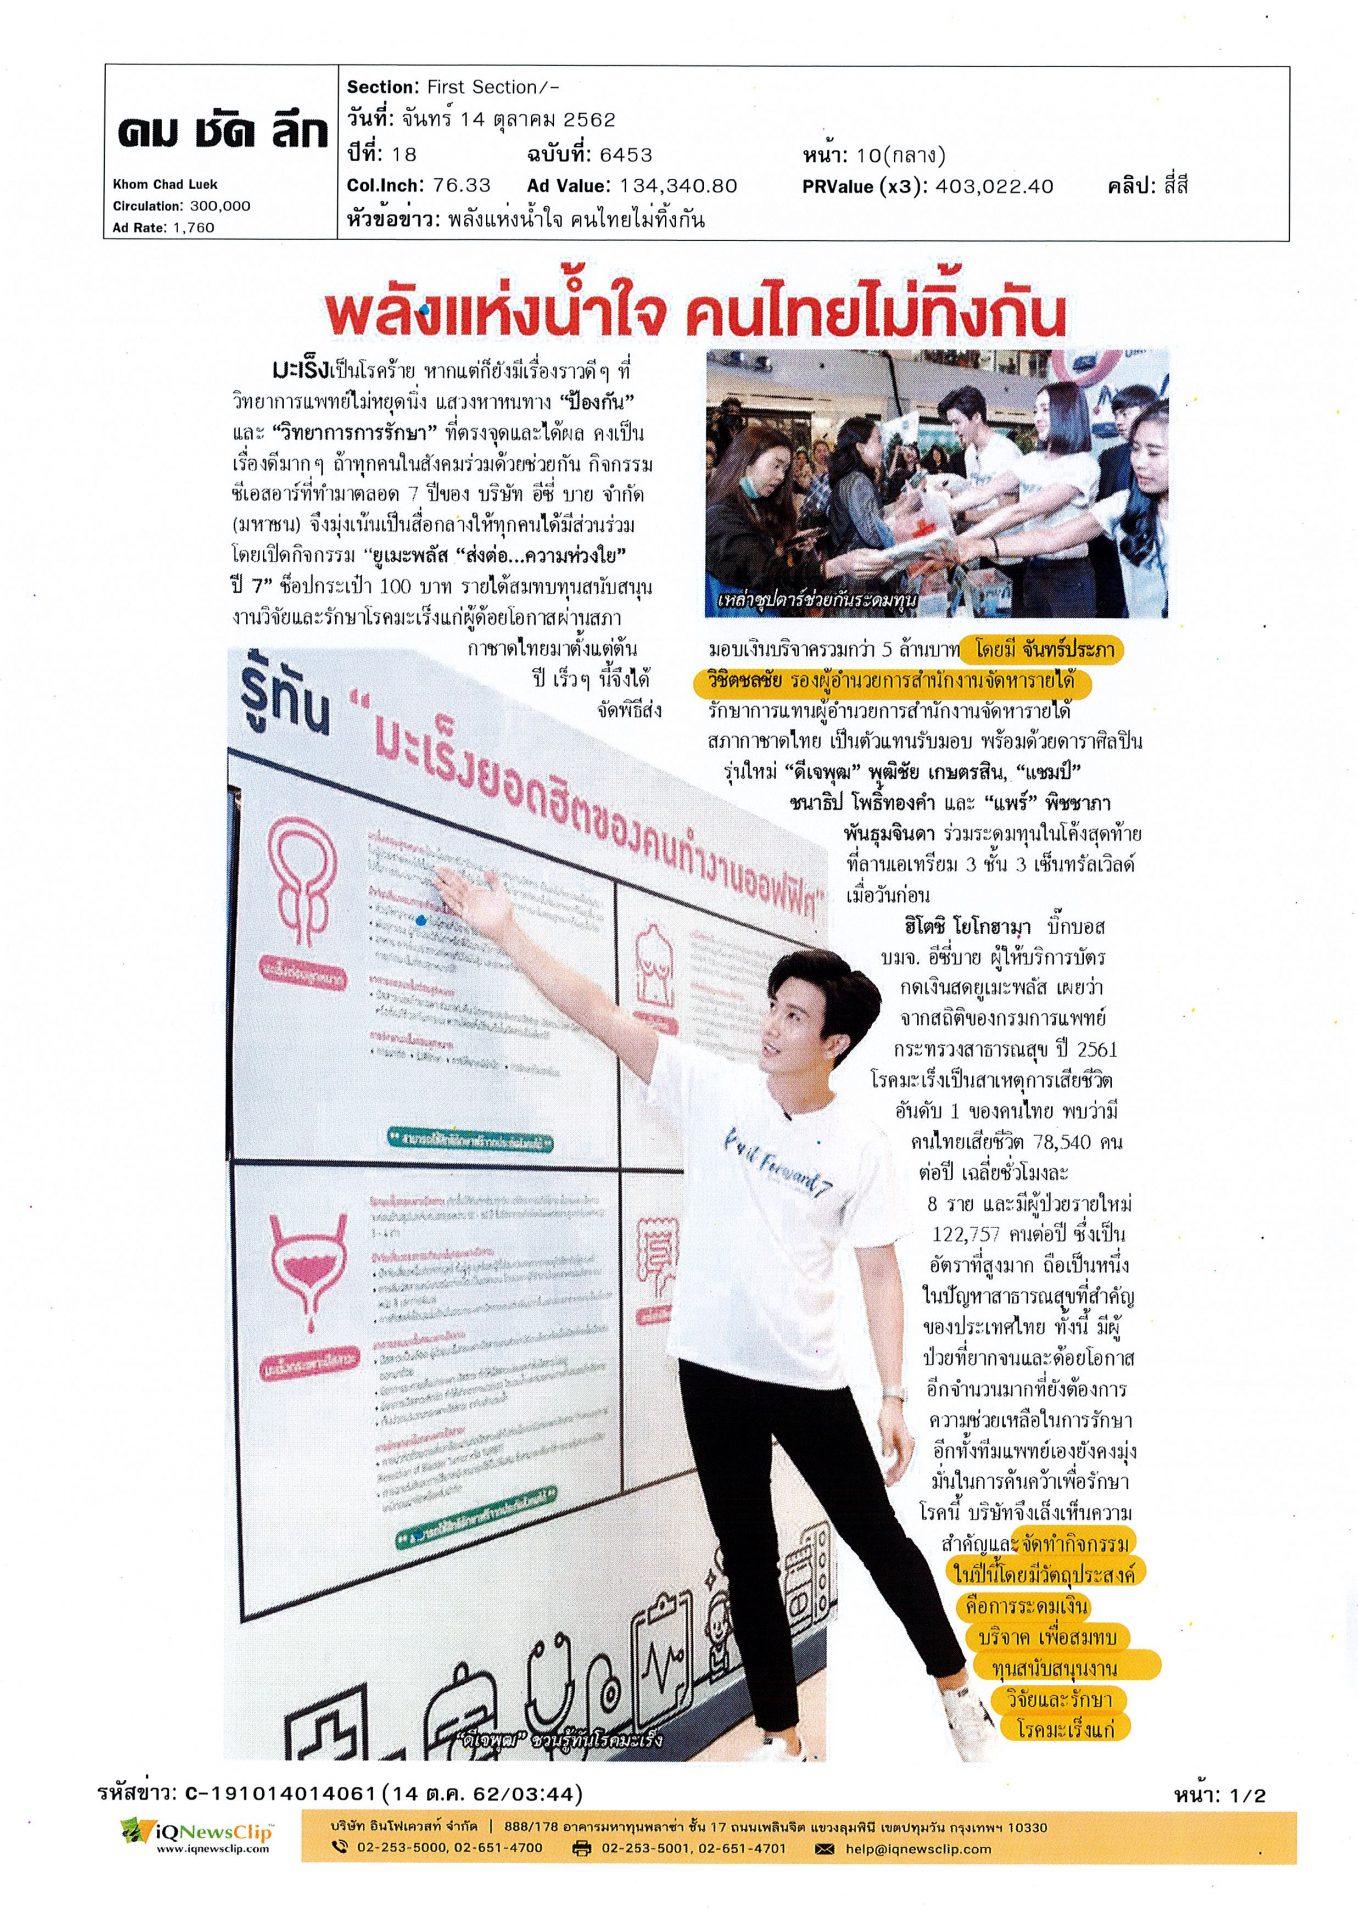 ยูเมะพลัส สนับสนุนงานวิจัยสภากาชาดไทย